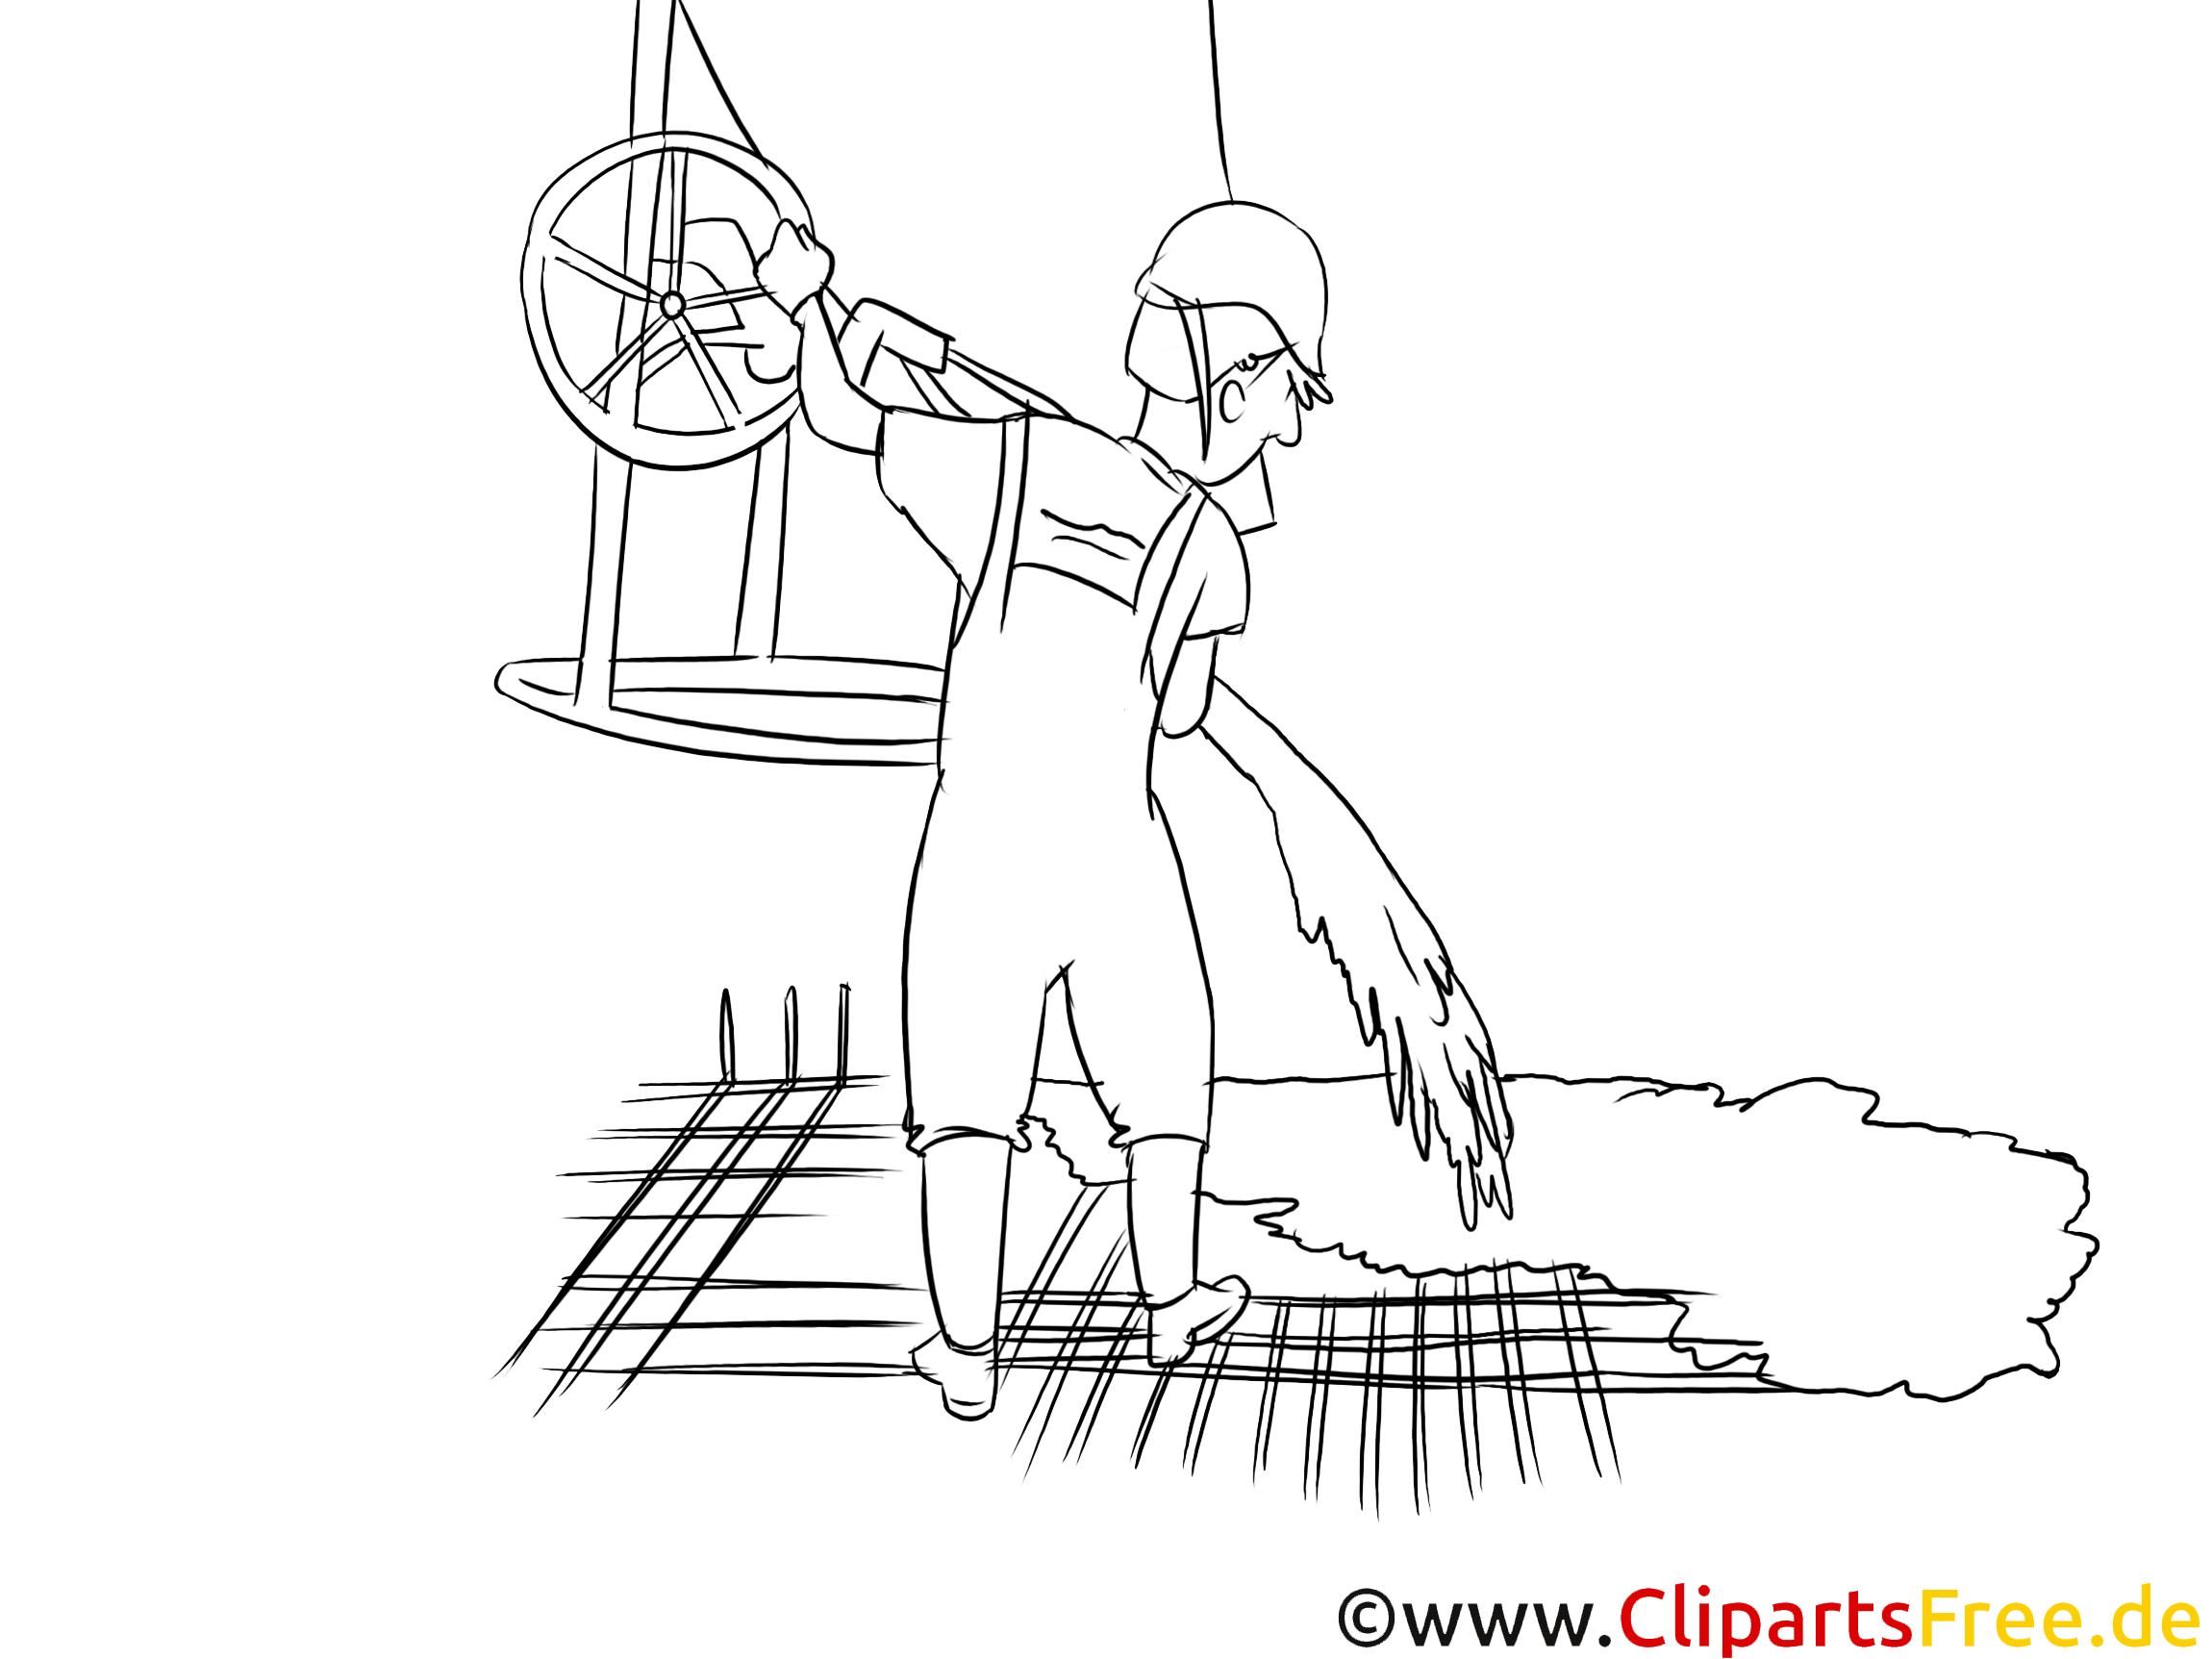 Beton- und Stahlbauer Clipart schwarz weiß